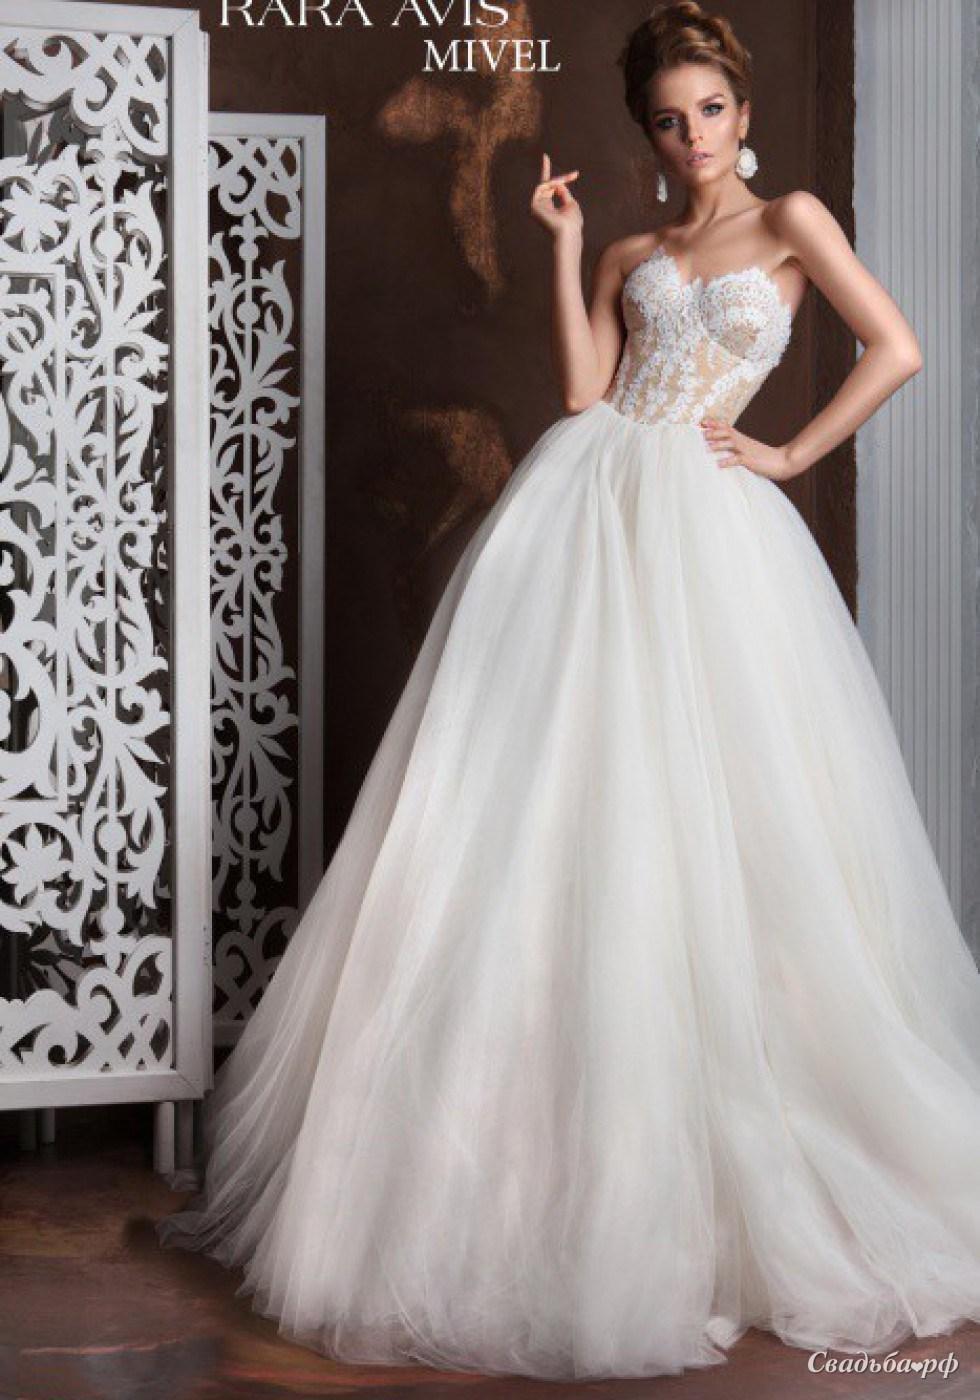 Свадебные платья rara avis москва